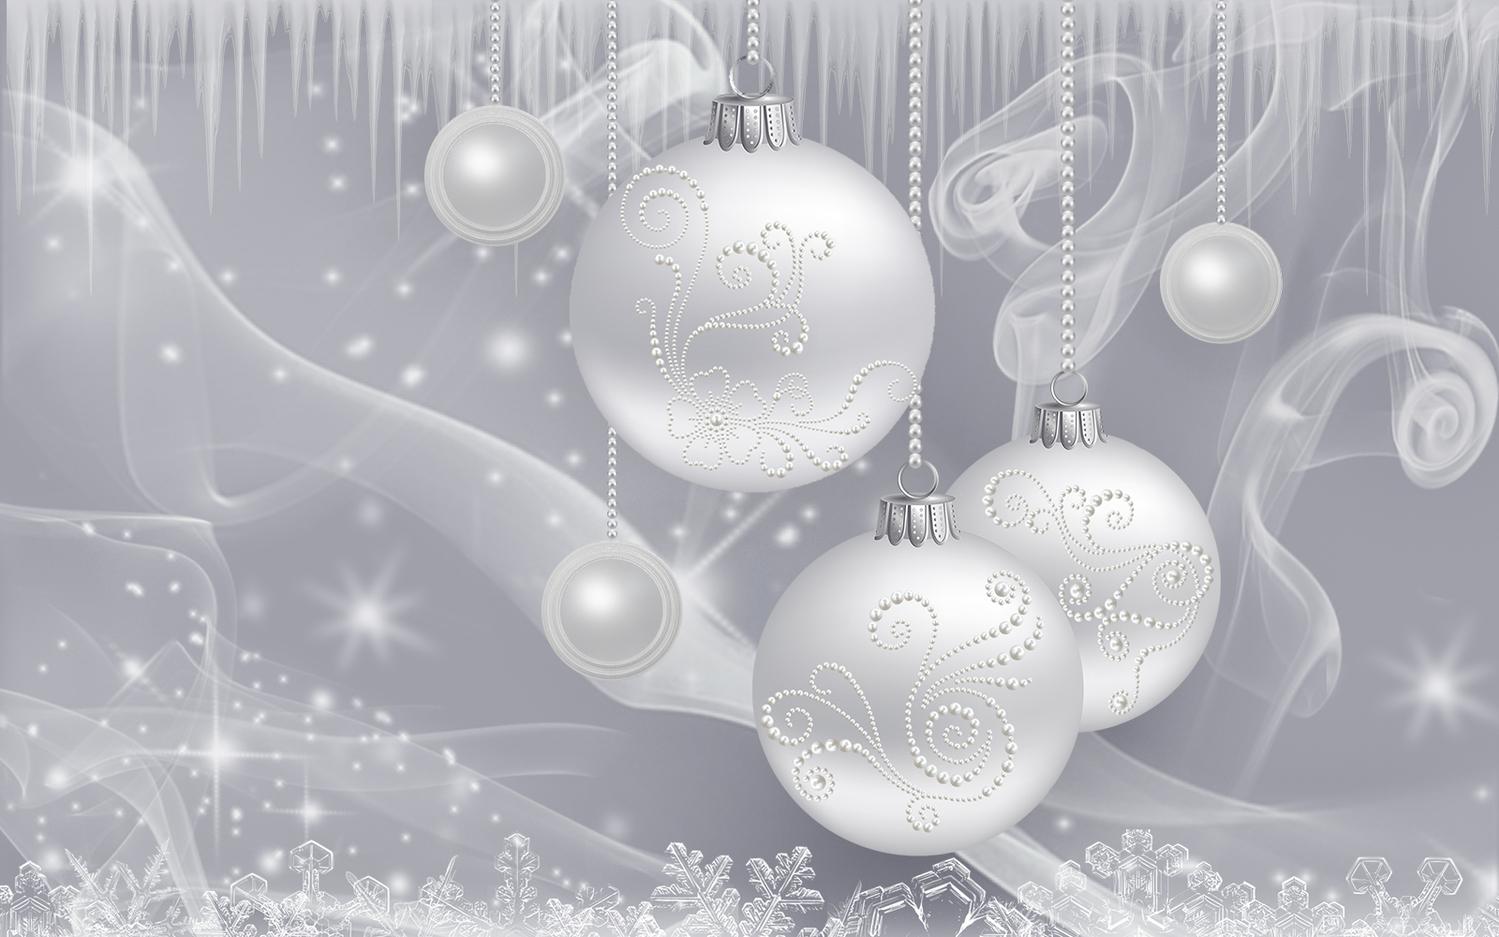 Для, фон для открытки новый год светлый